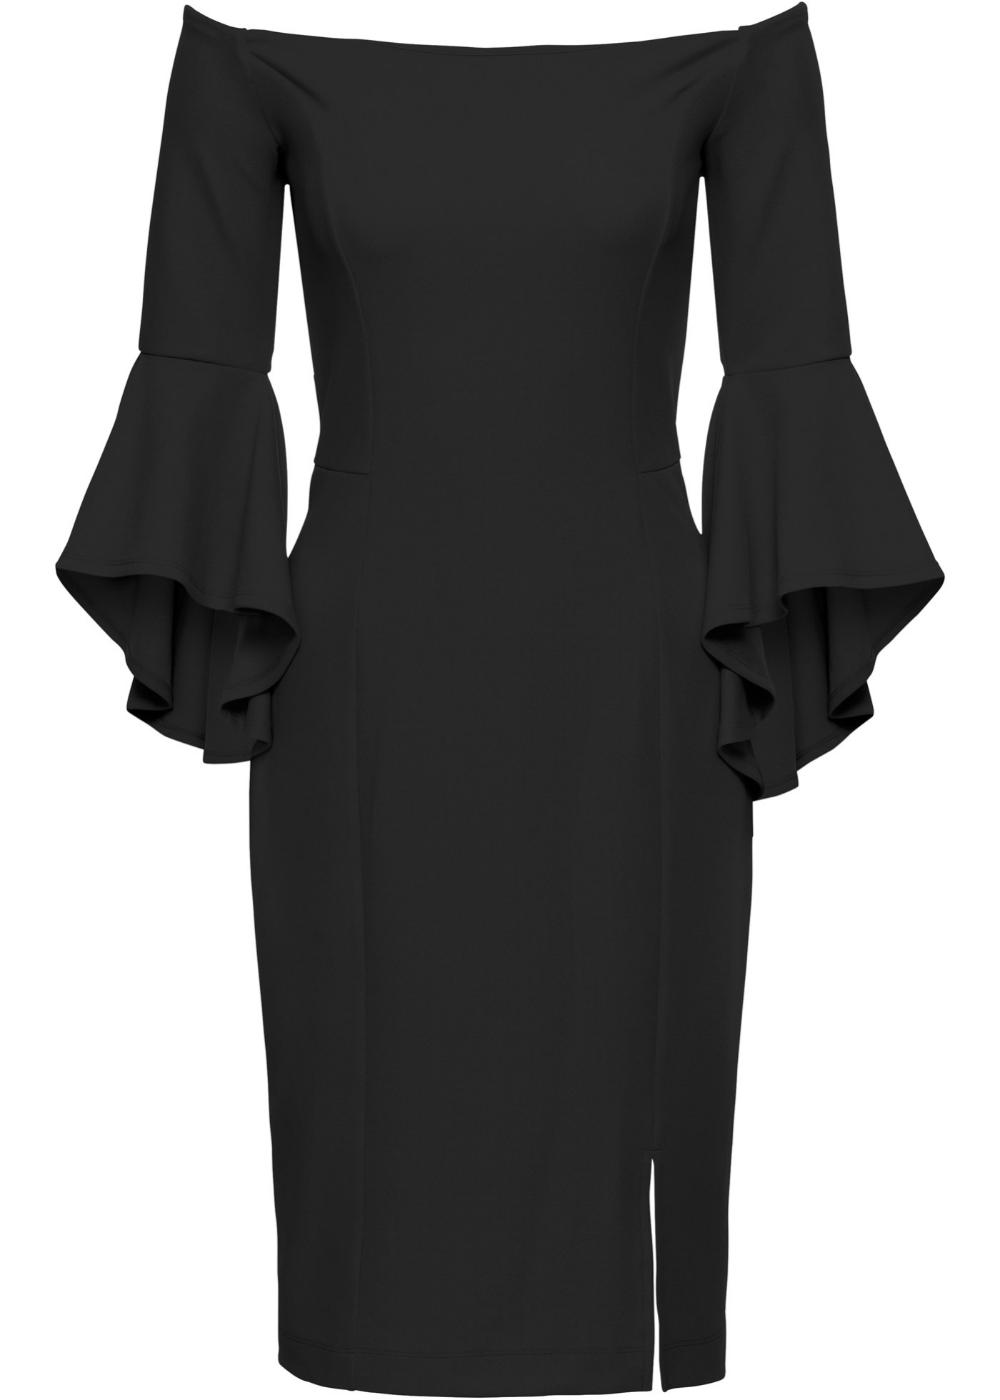 Carmen Kleid Schwarz Bodyflirt Boutique Online Kaufen Bonprix At Kleid Trompetenarmel Carmen Kleid Kleider